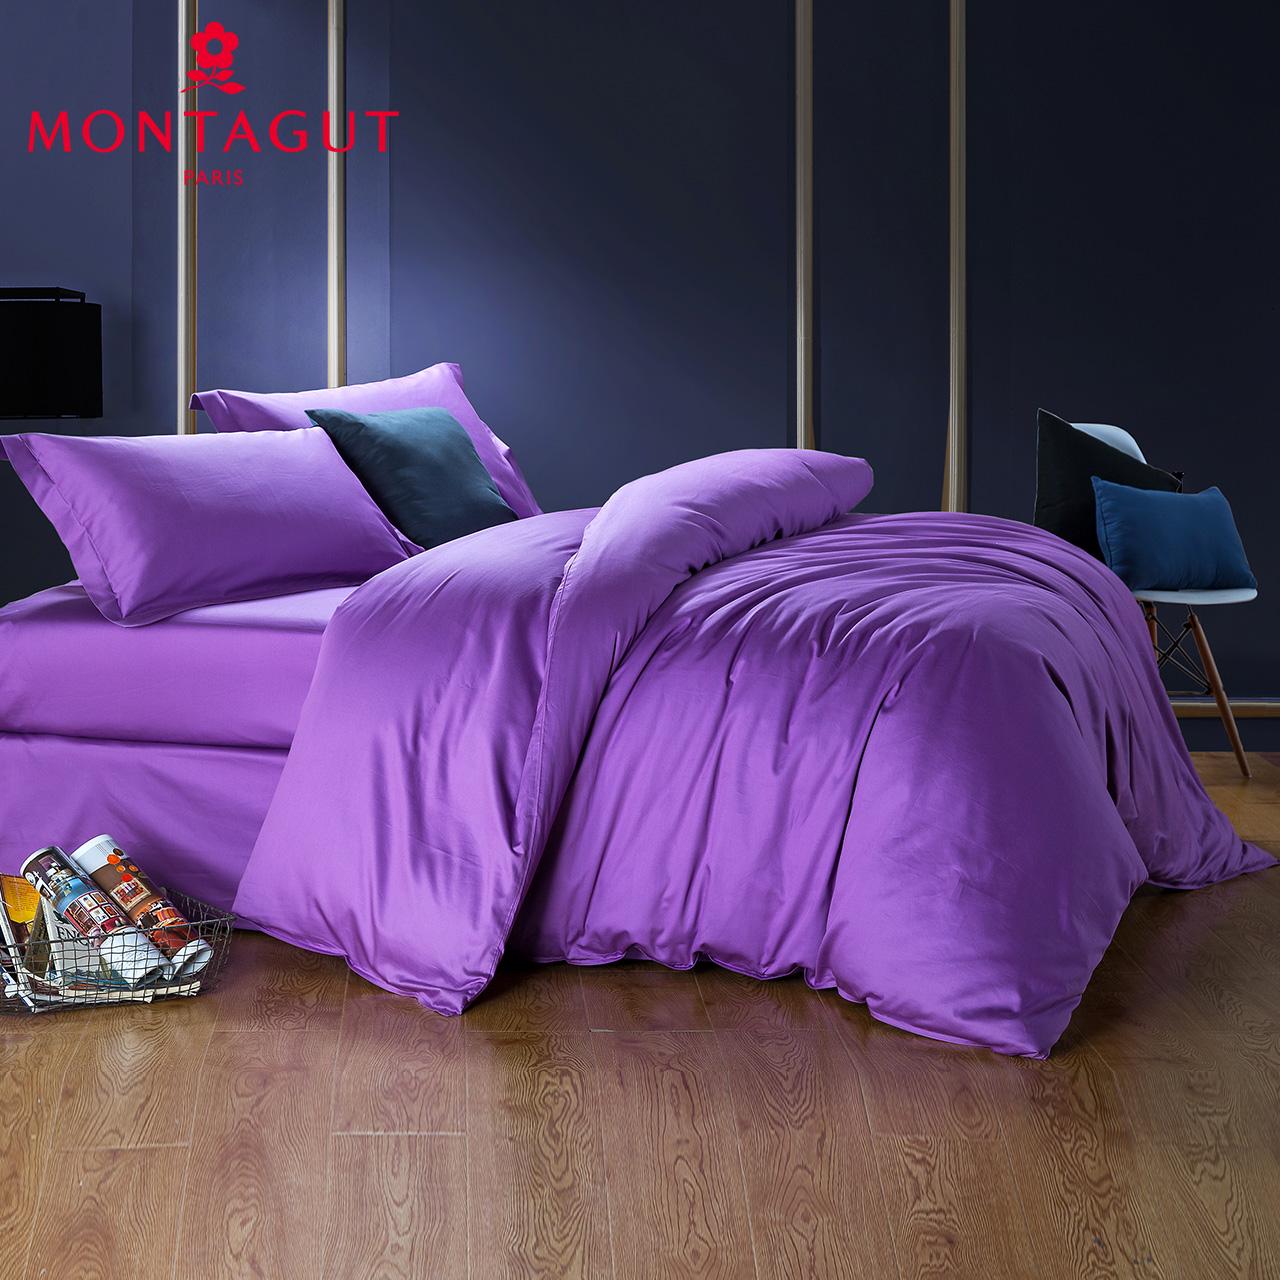 被套緞紋床上用品夢特嬌全棉四件套純色純棉床單